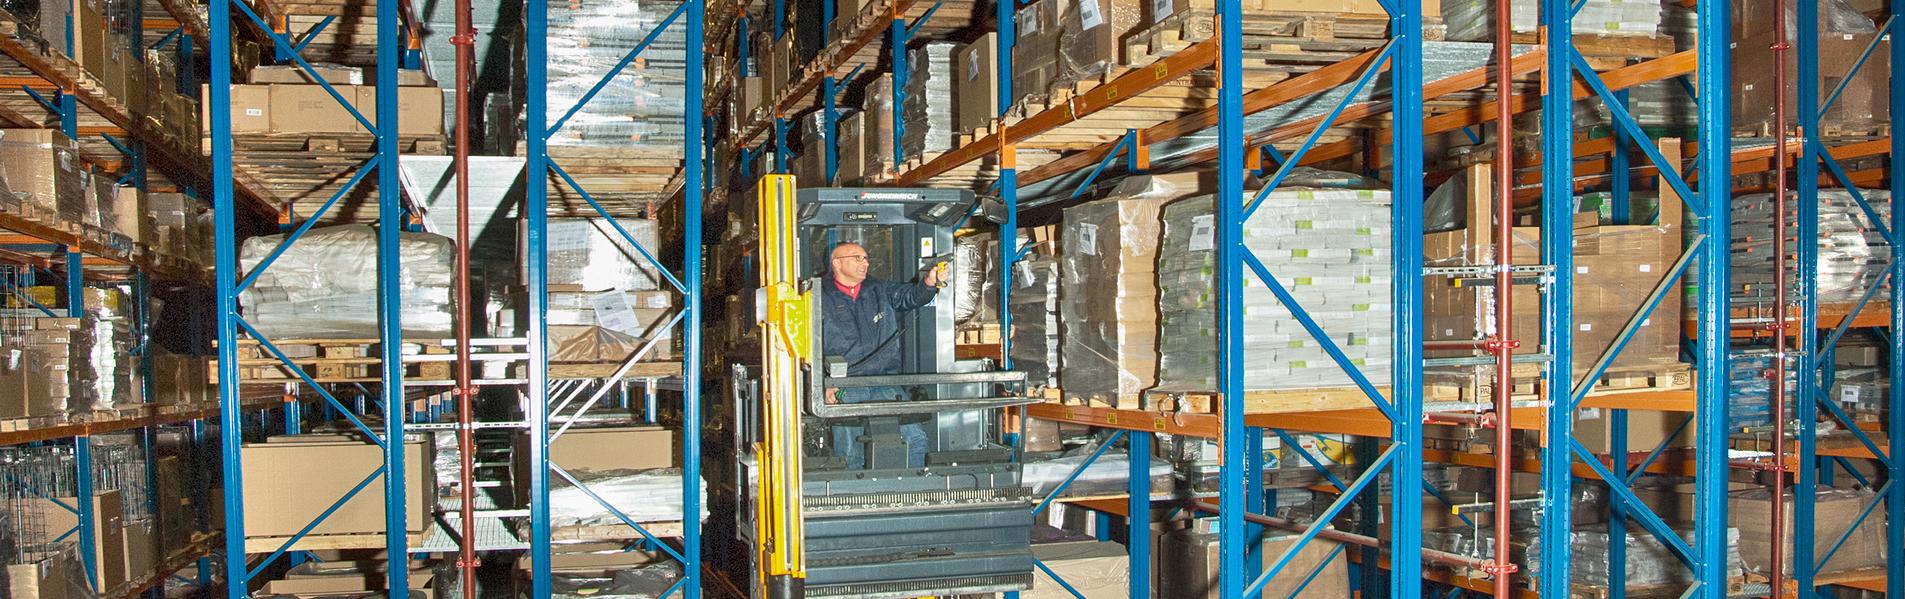 warehouse inslag opslag uitslag smallegangen truck